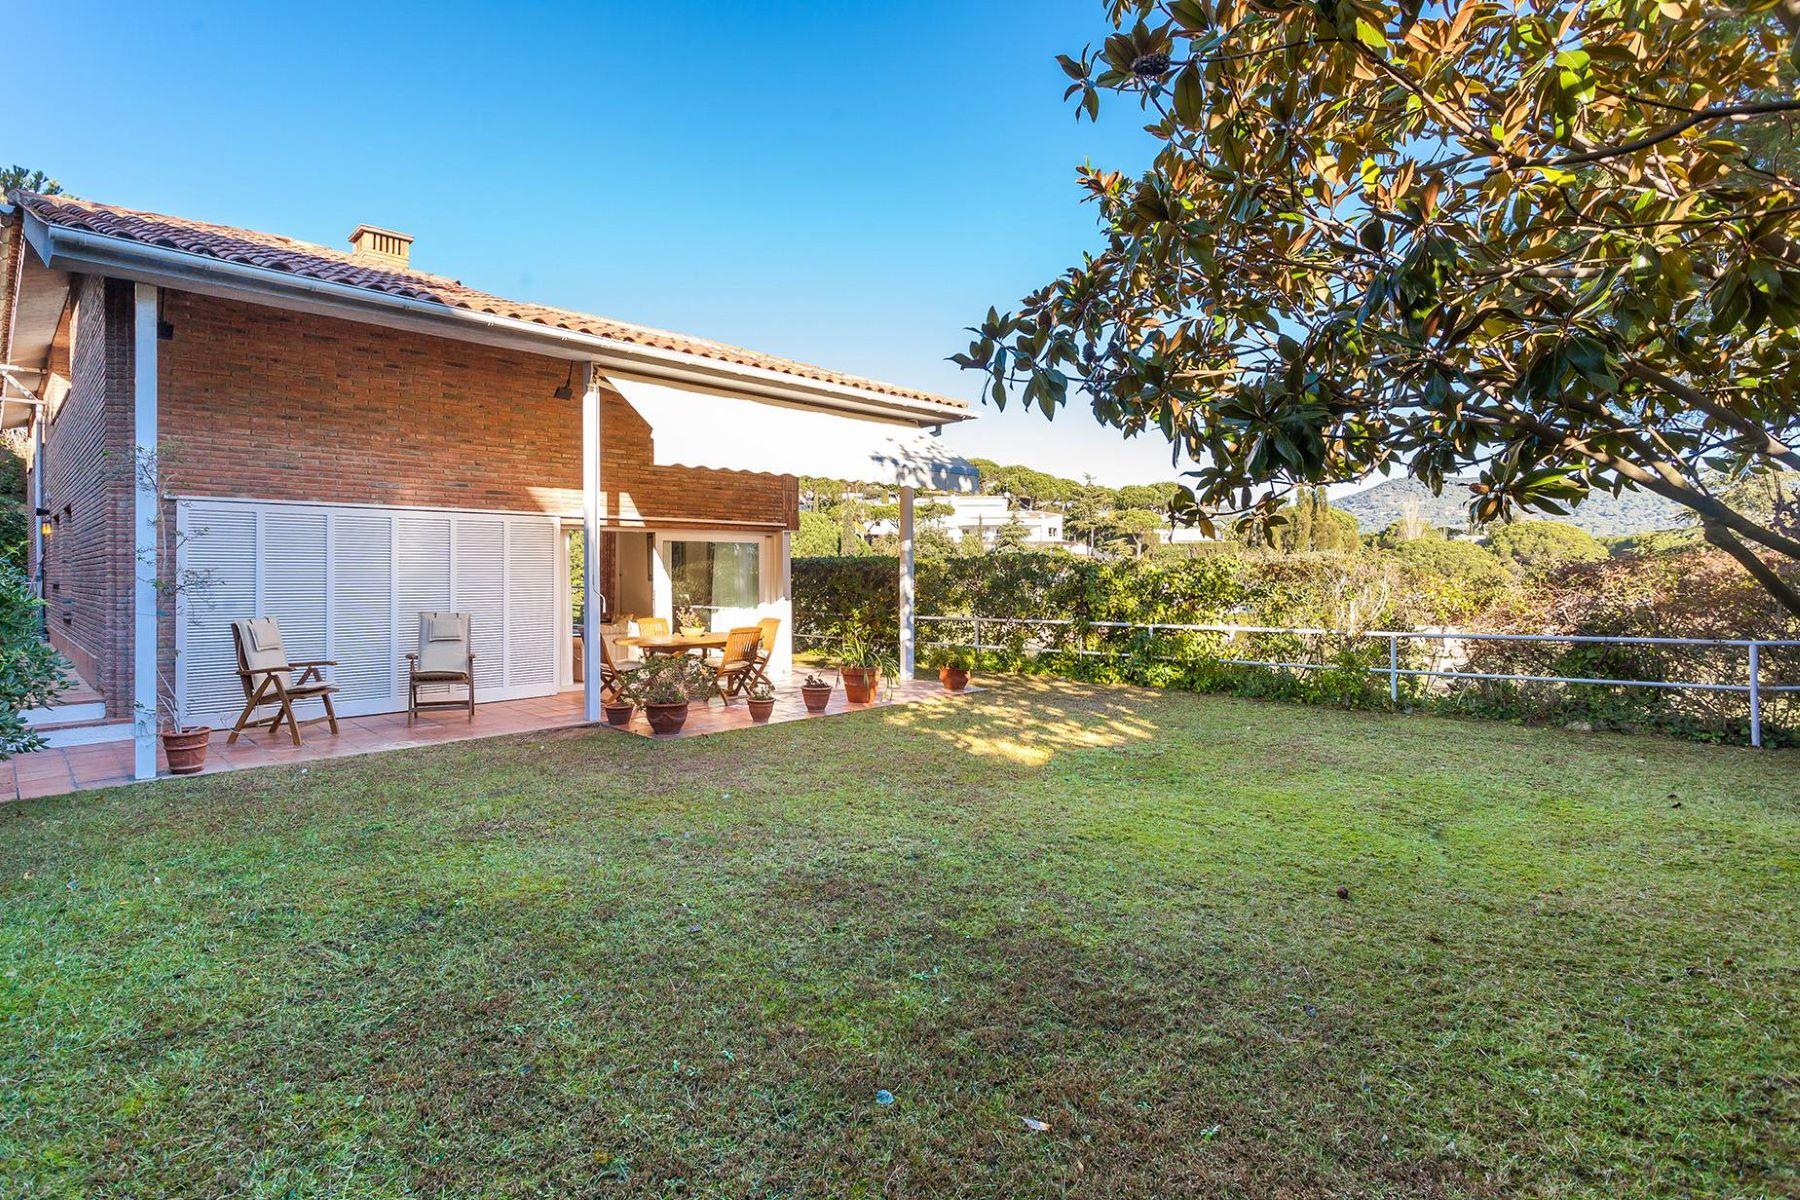 独户住宅 为 销售 在 Charming residential property near Barcelona 阿莱利亚, 巴塞罗那, 08328 西班牙